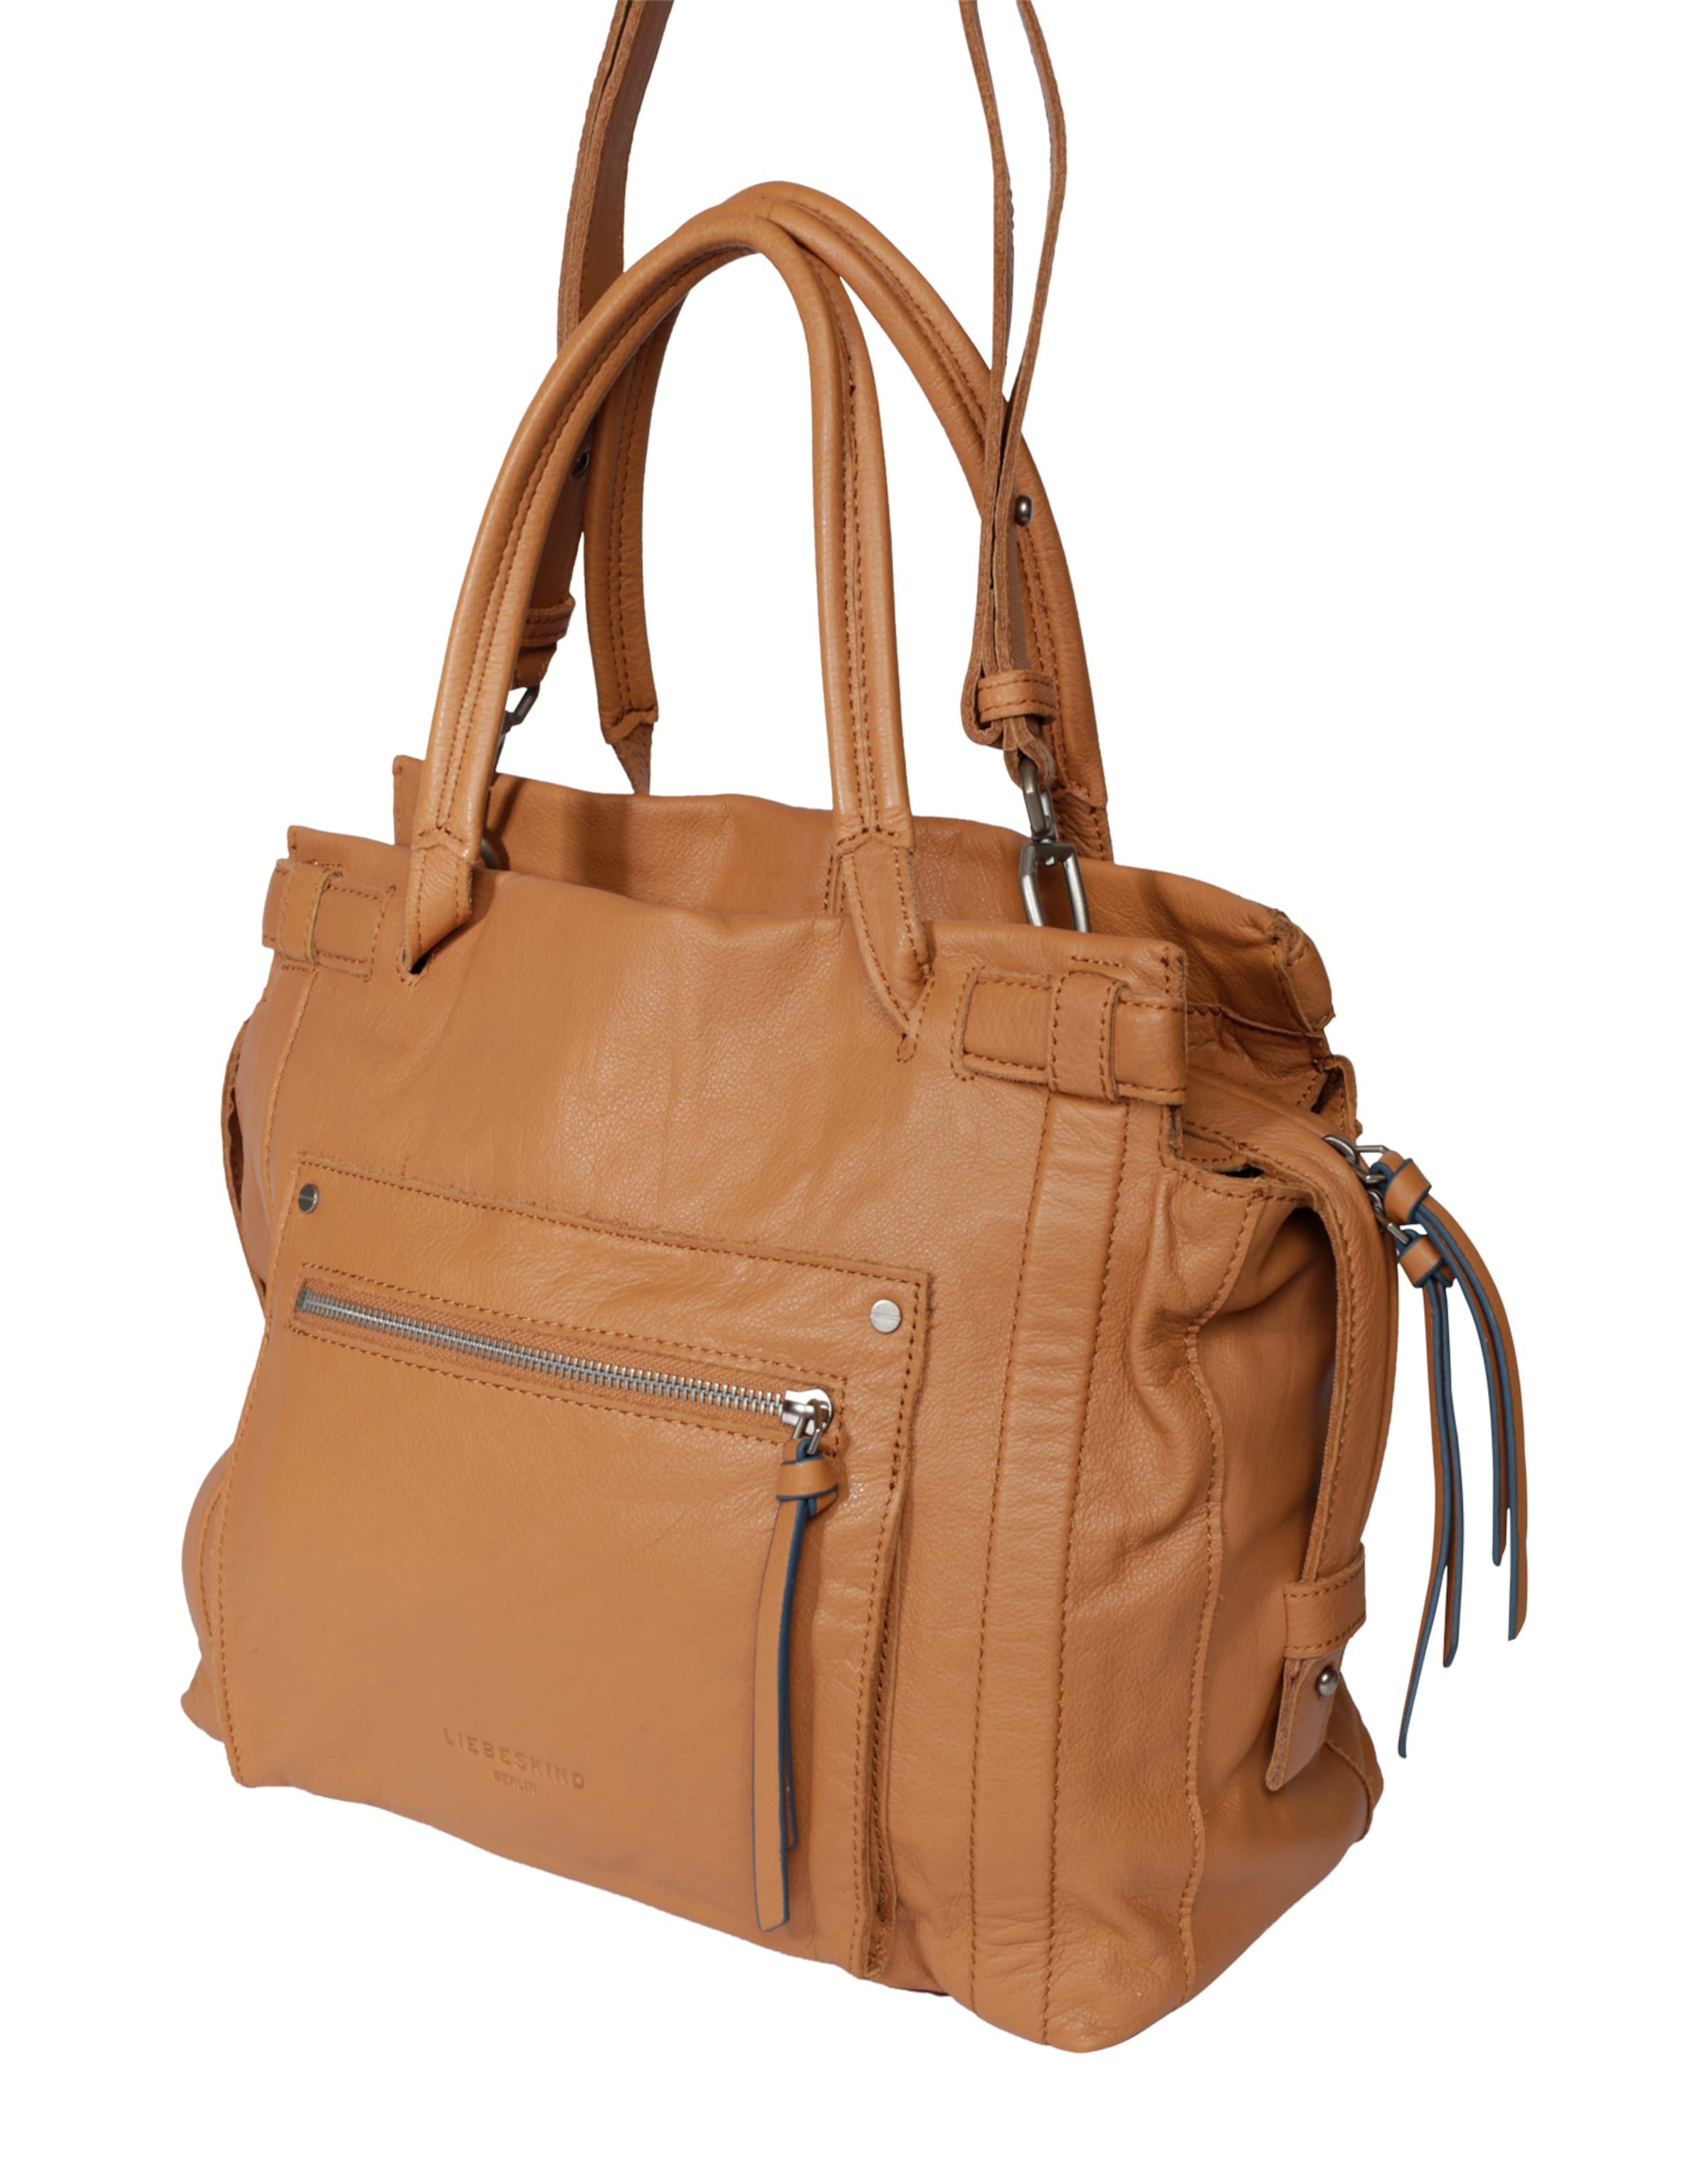 Liebeskind Berlin Handtasche 'Virginia' Freies Verschiffen Fälschung Rabatt Komfortabel 2018 Neuester Günstiger Preis C8wCa